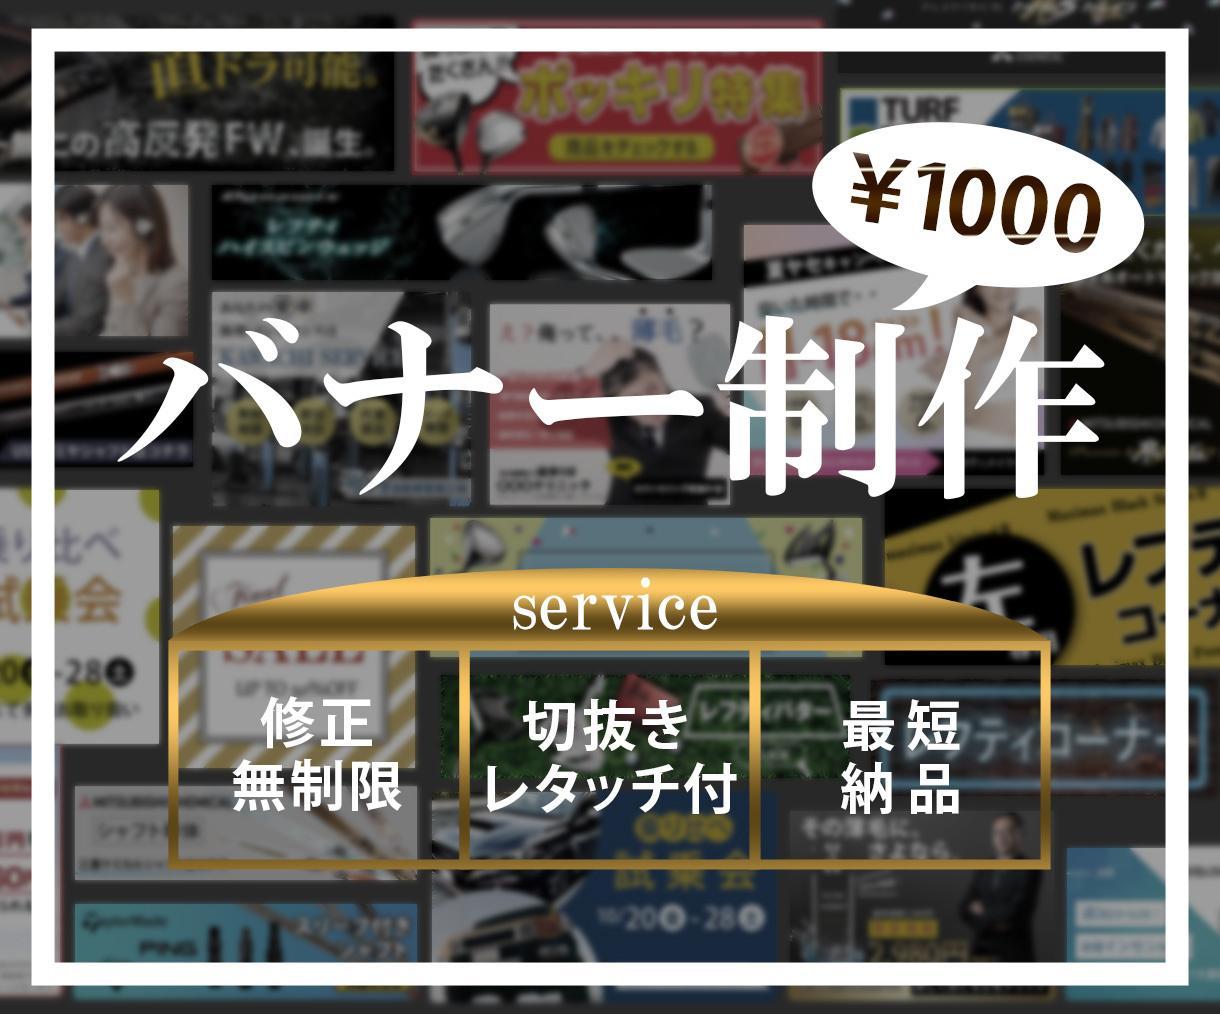 1枚1000円でバナー作成します 現役ECサイト運営管理者がクリック率UPバナー作成致します! イメージ1